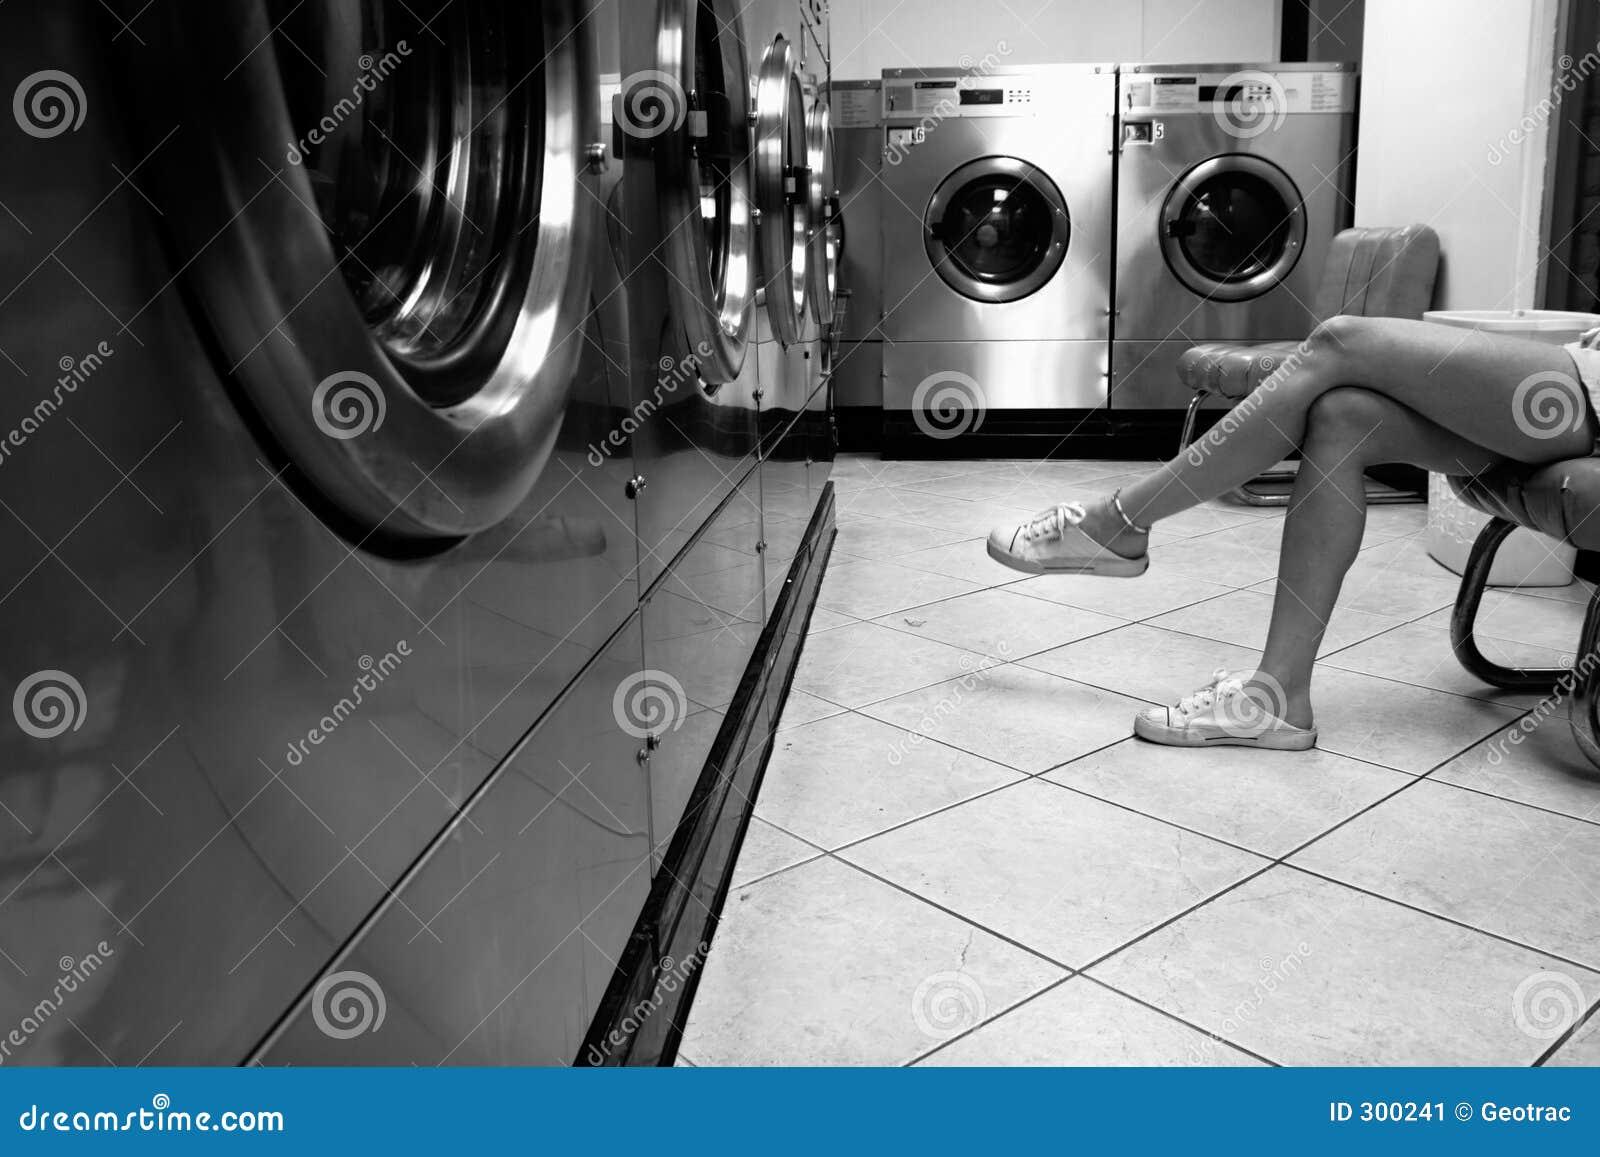 одежды сушат к ждать